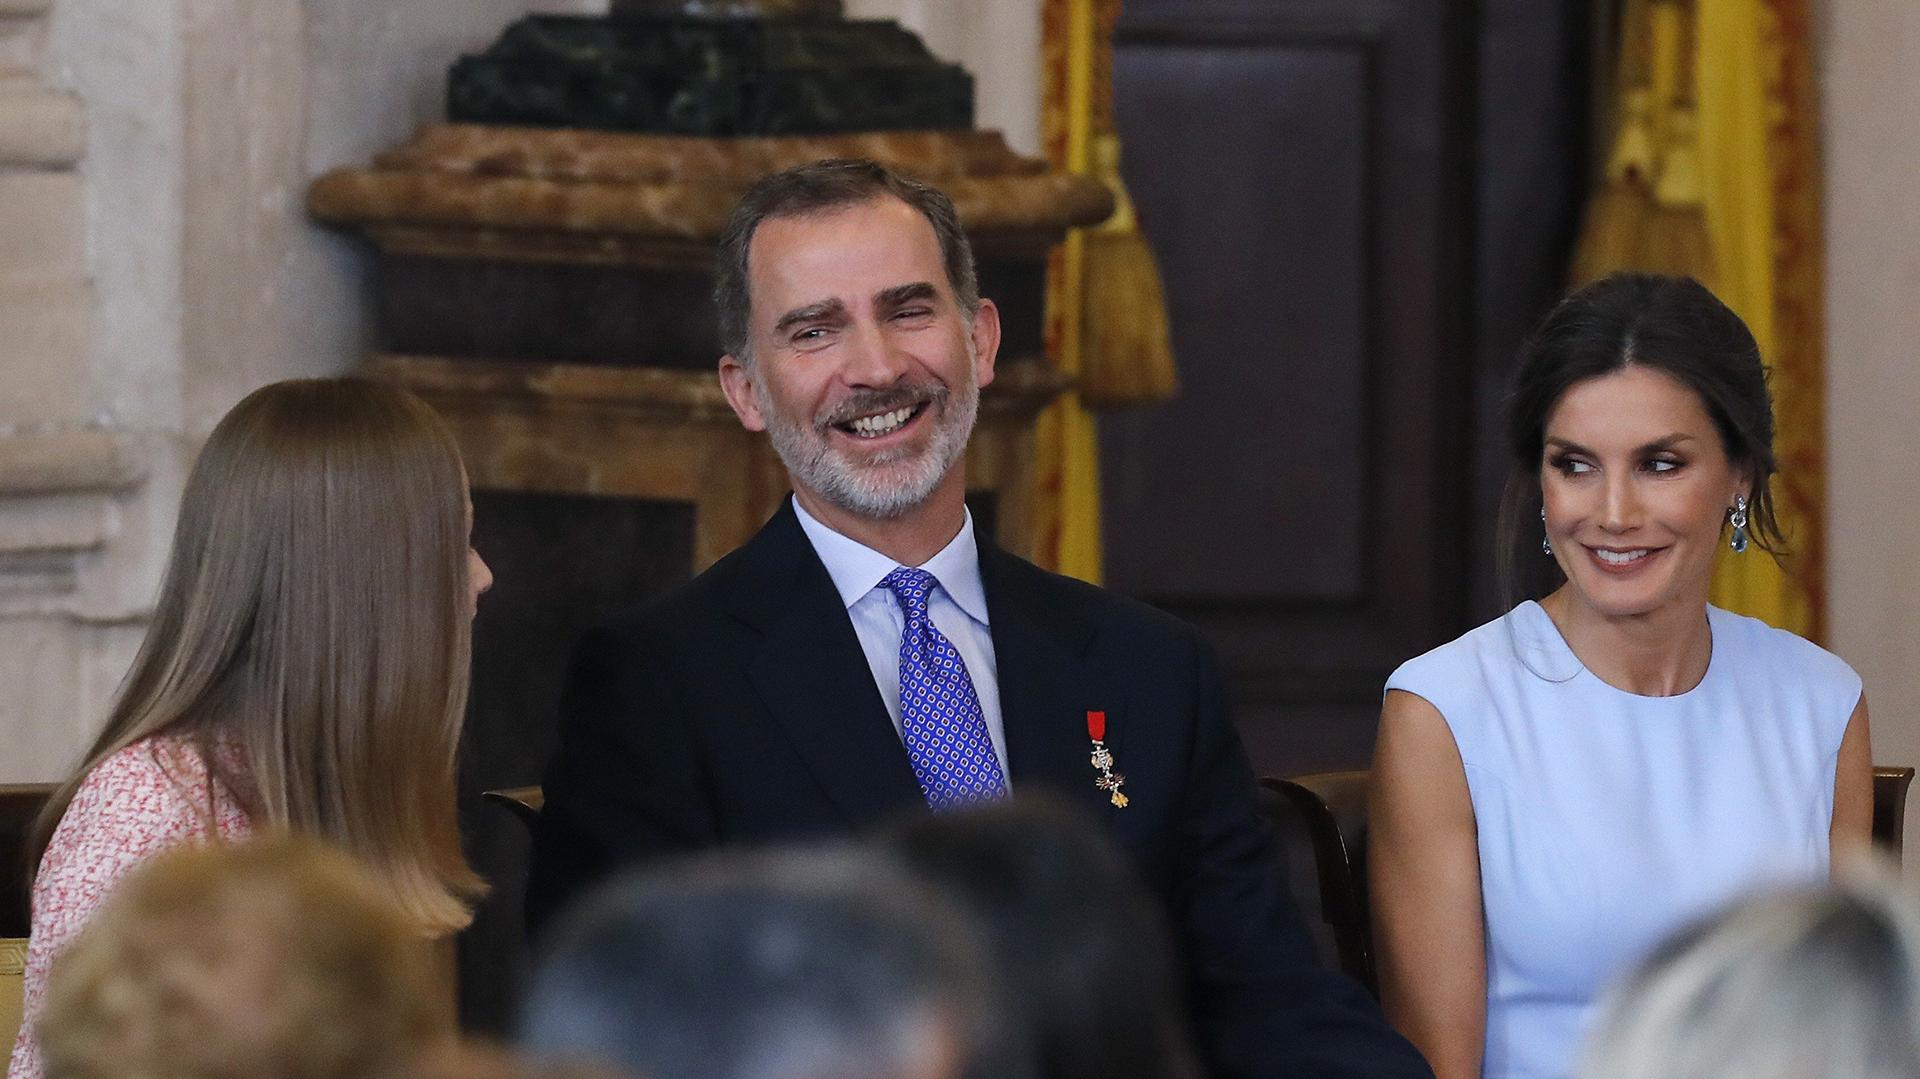 El rey Felipe VI, junto a la reina Letizia y la princesa Leonor, presidió el acto de imposición de condecoraciones a ciudadanos de todas las comunidades autónomas, coincidiendo con la celebración del quinto aniversario de su reinado, en el Palacio Real